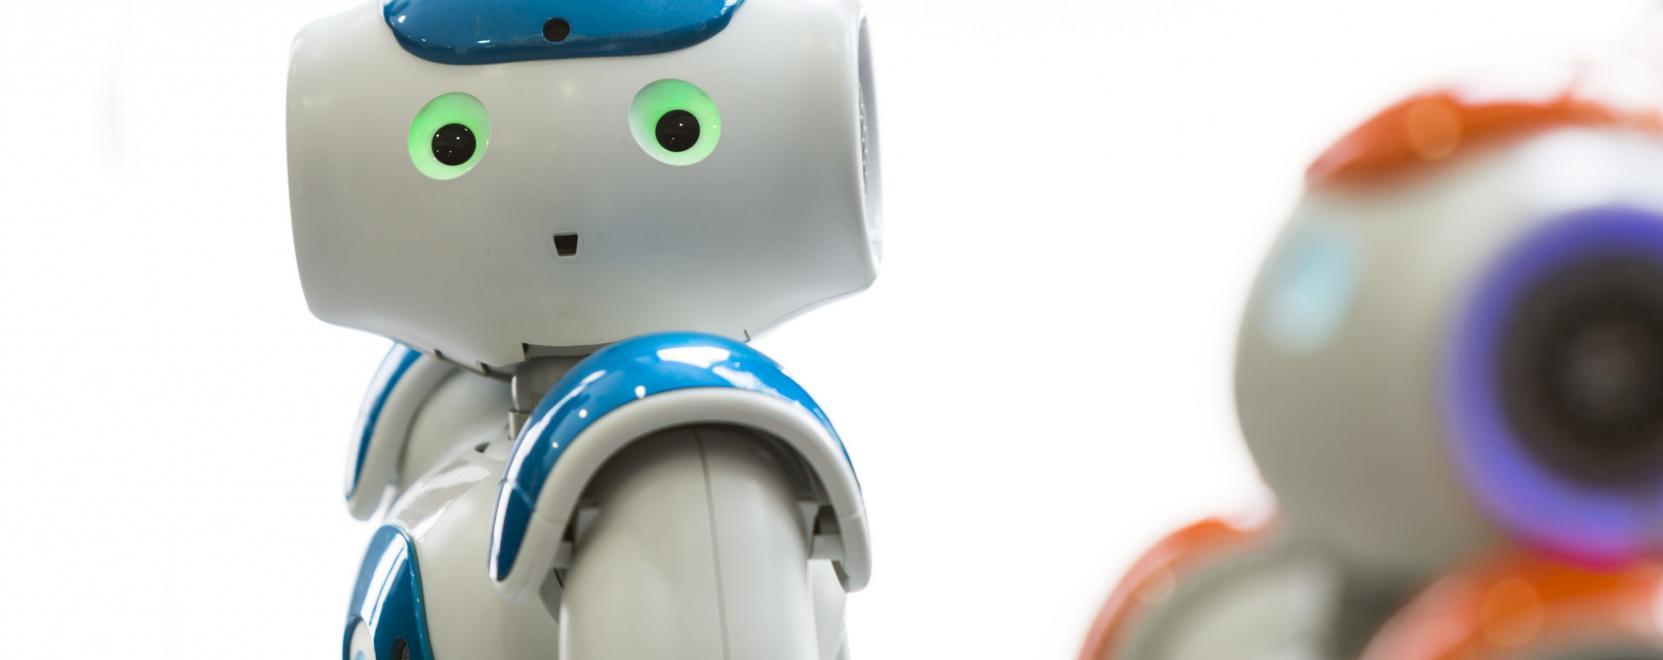 kereskedő robot hogyan működik